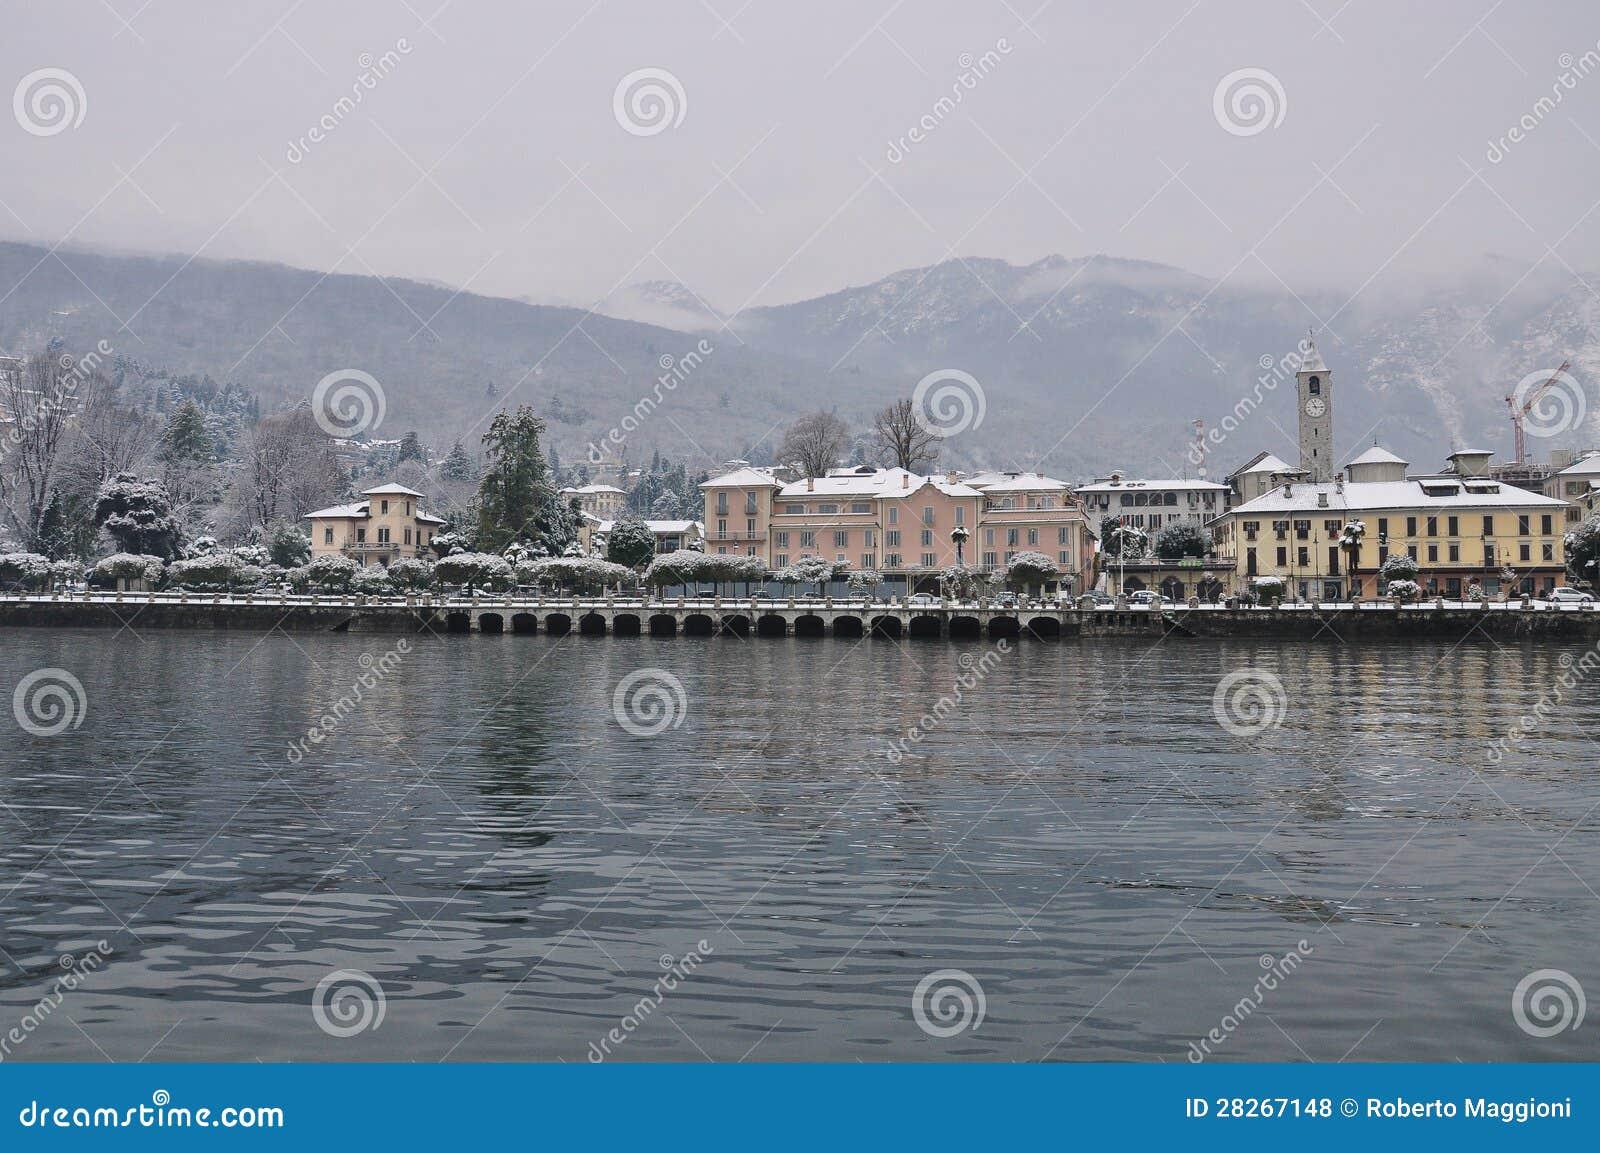 Baveno, Lago Maggiore in Winter